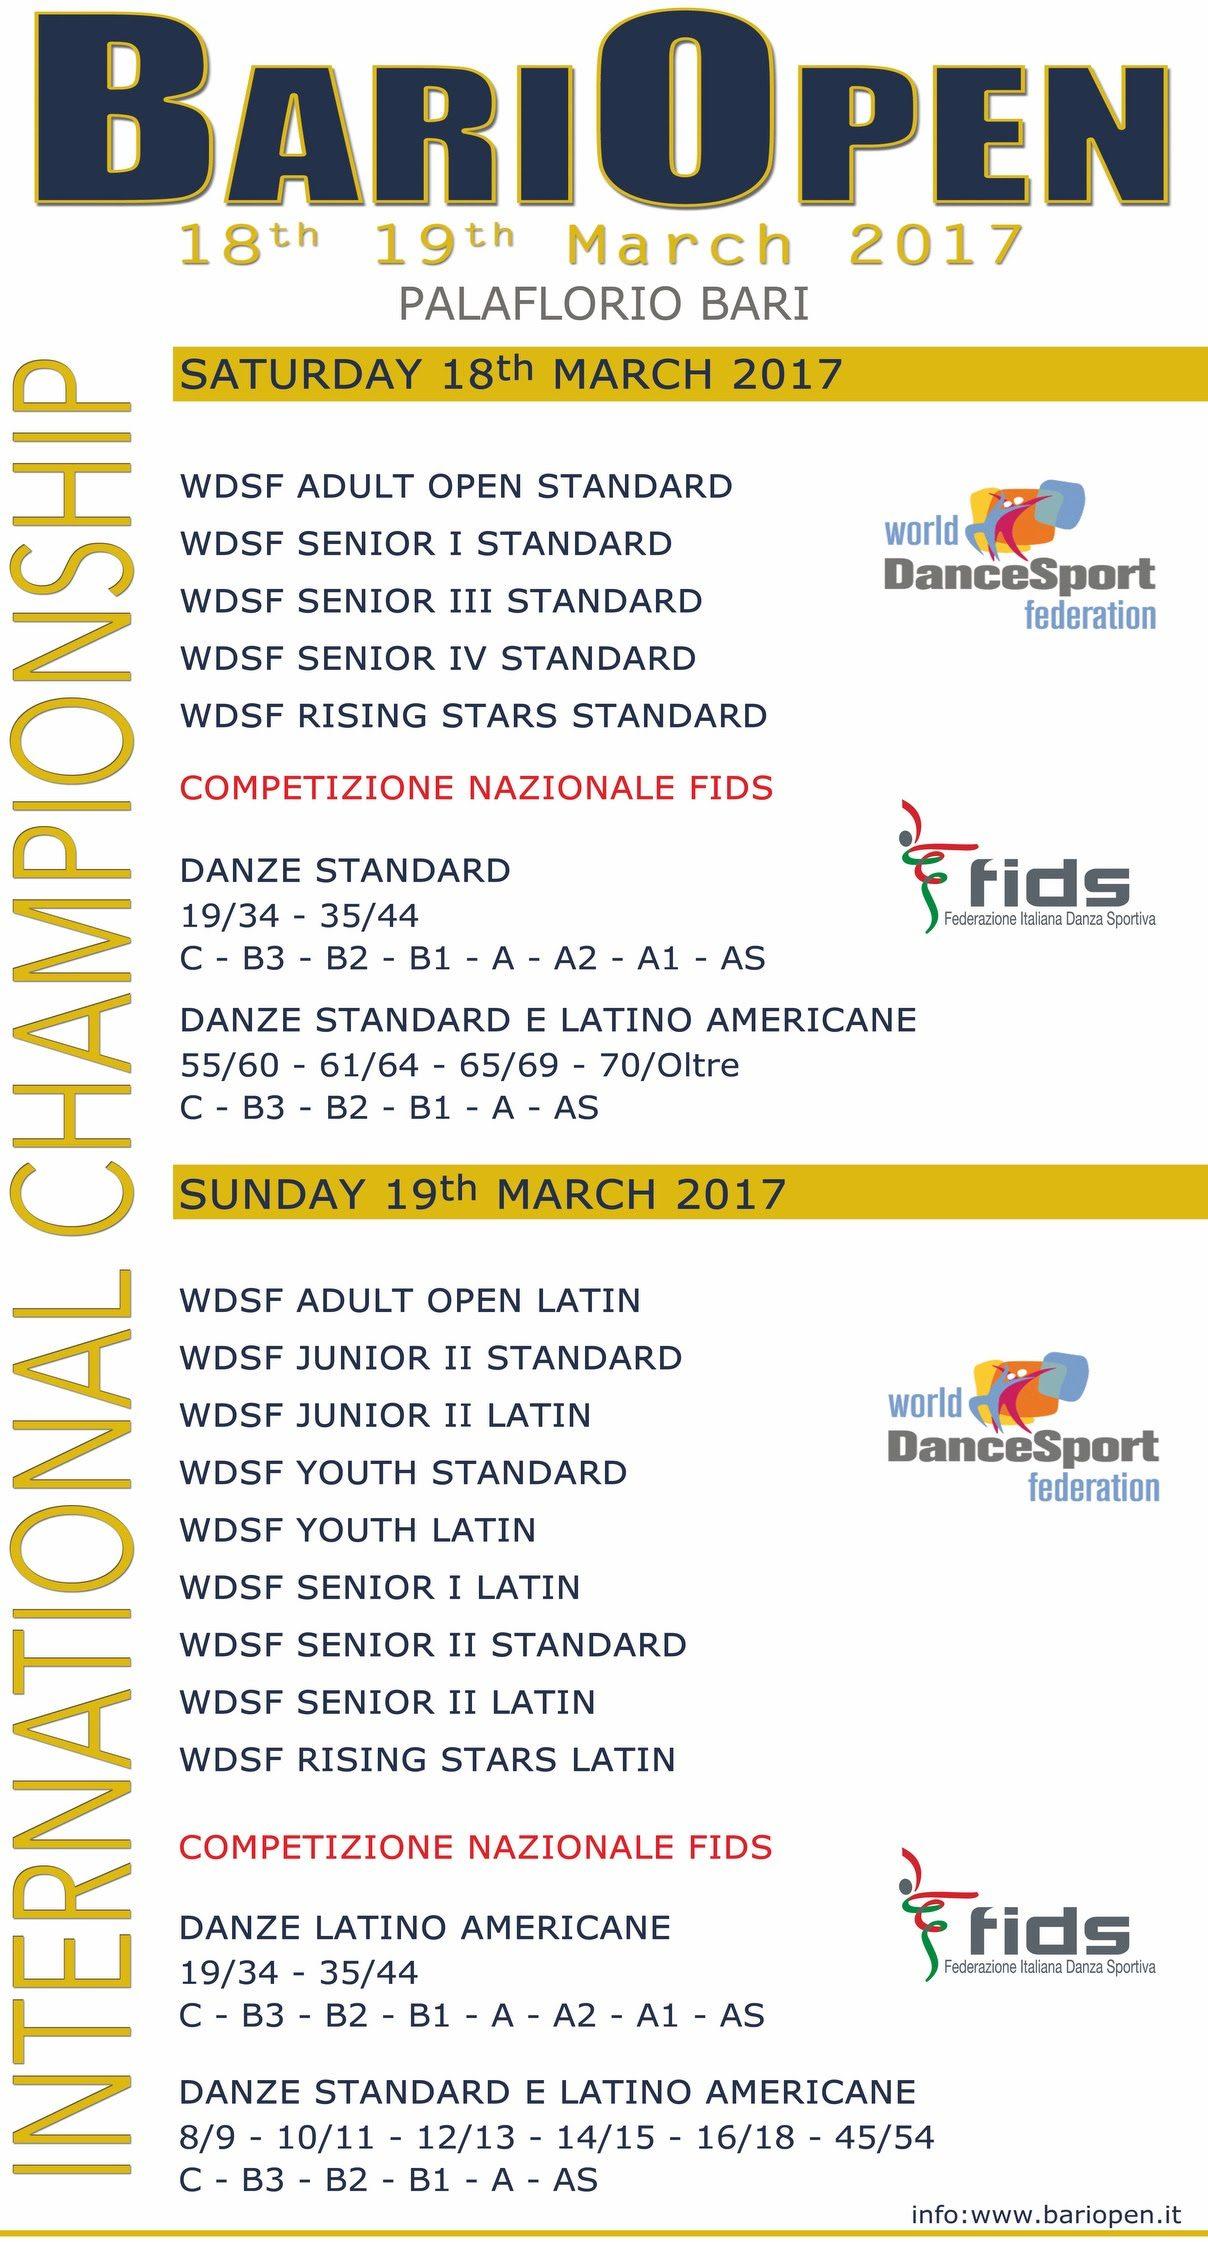 Bari Open 2017